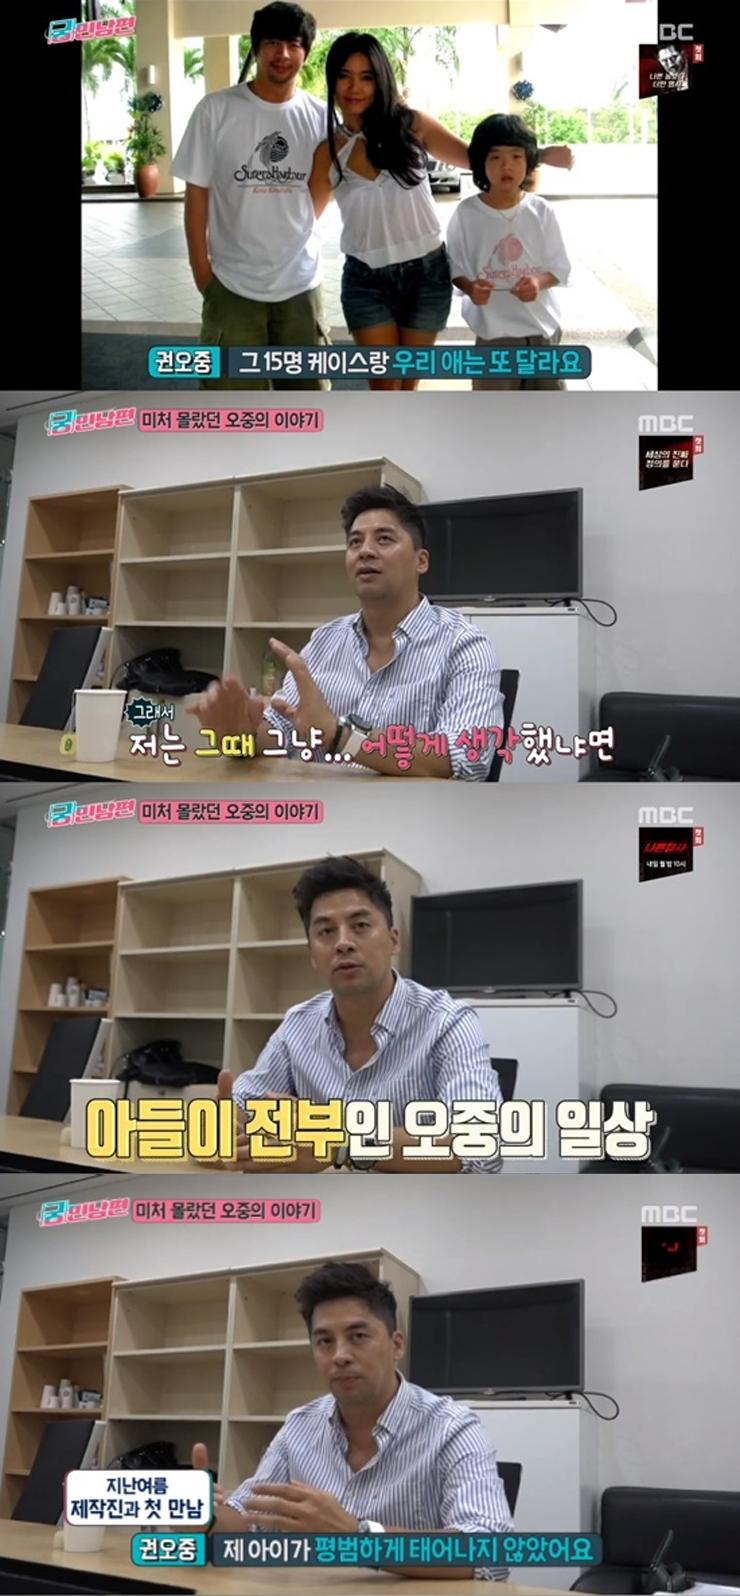 배우 권오중이 방송에서 자신의 아들에 대해 얘기했다. [사진 MBC 캡처]